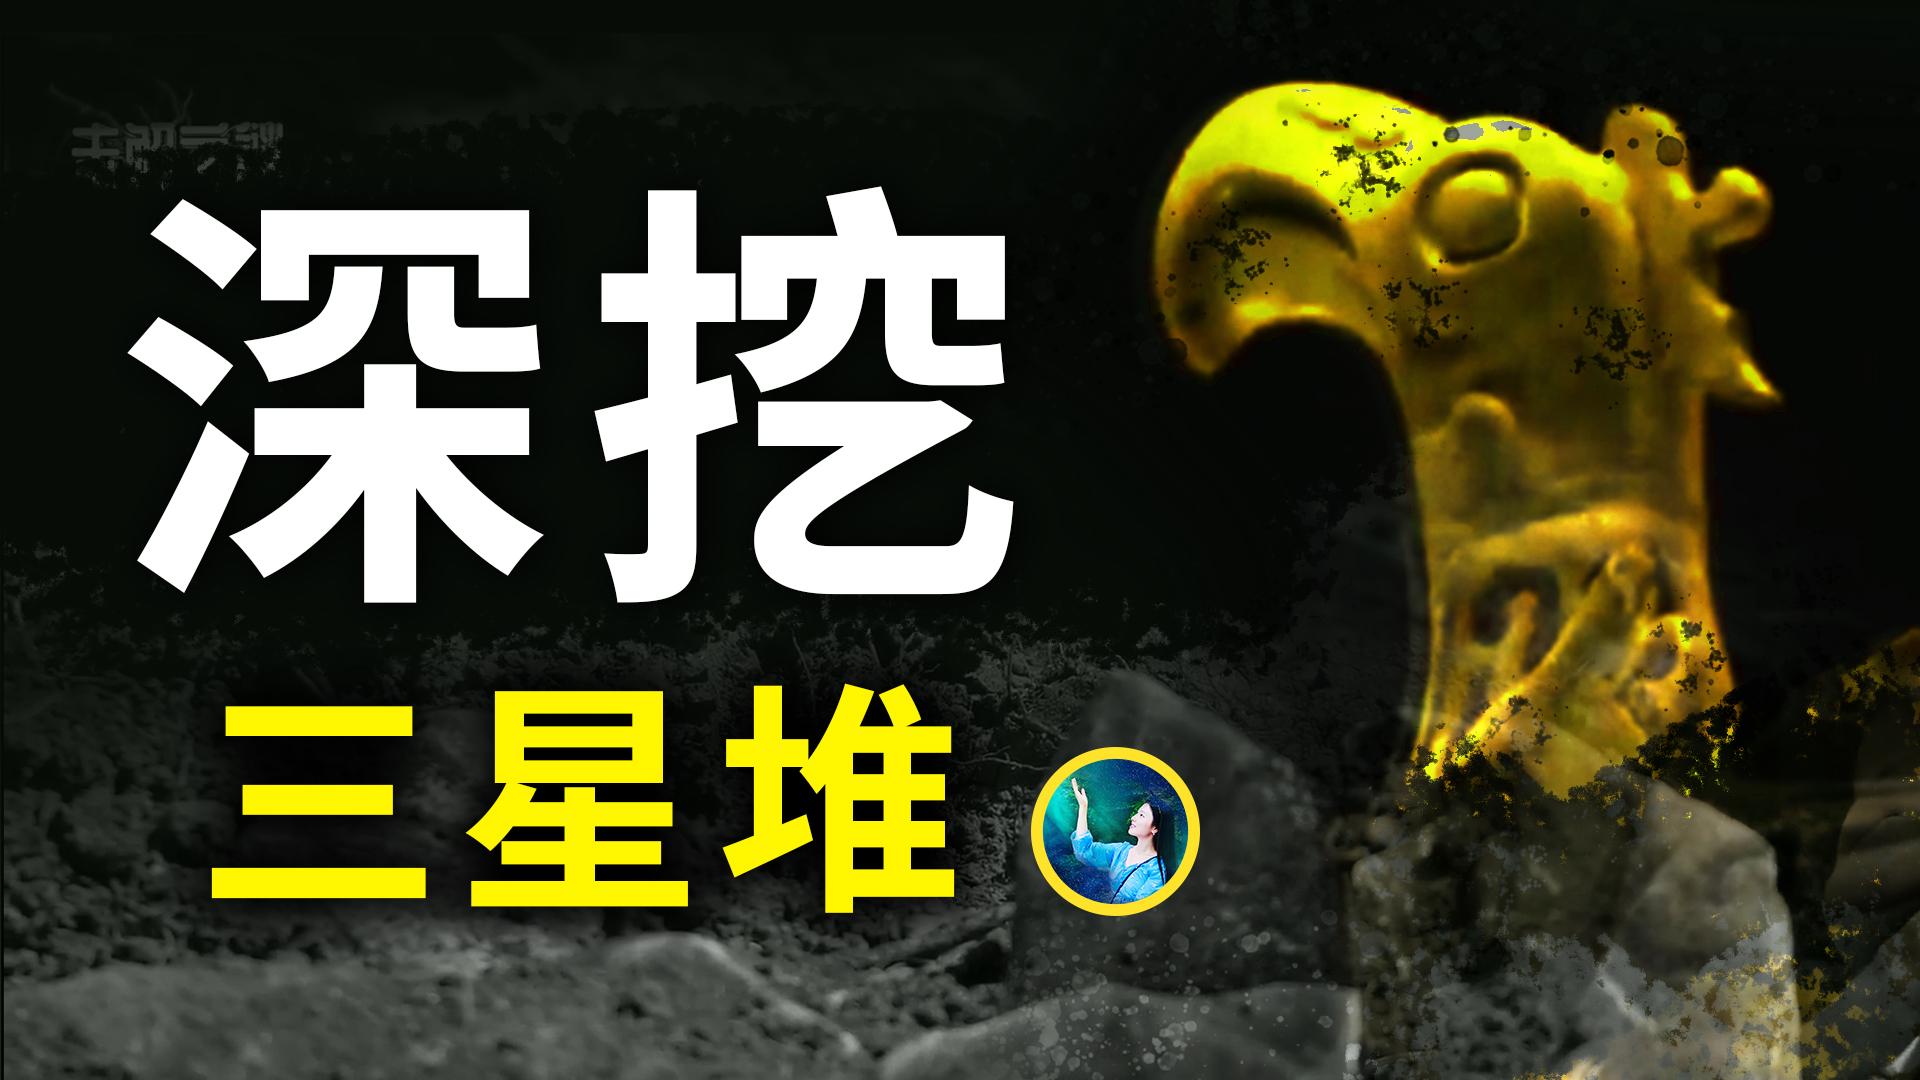 三星堆文化從何而來?黃金面具為誰而製?是否是上一個文明時期產物?| #未解之謎 扶搖